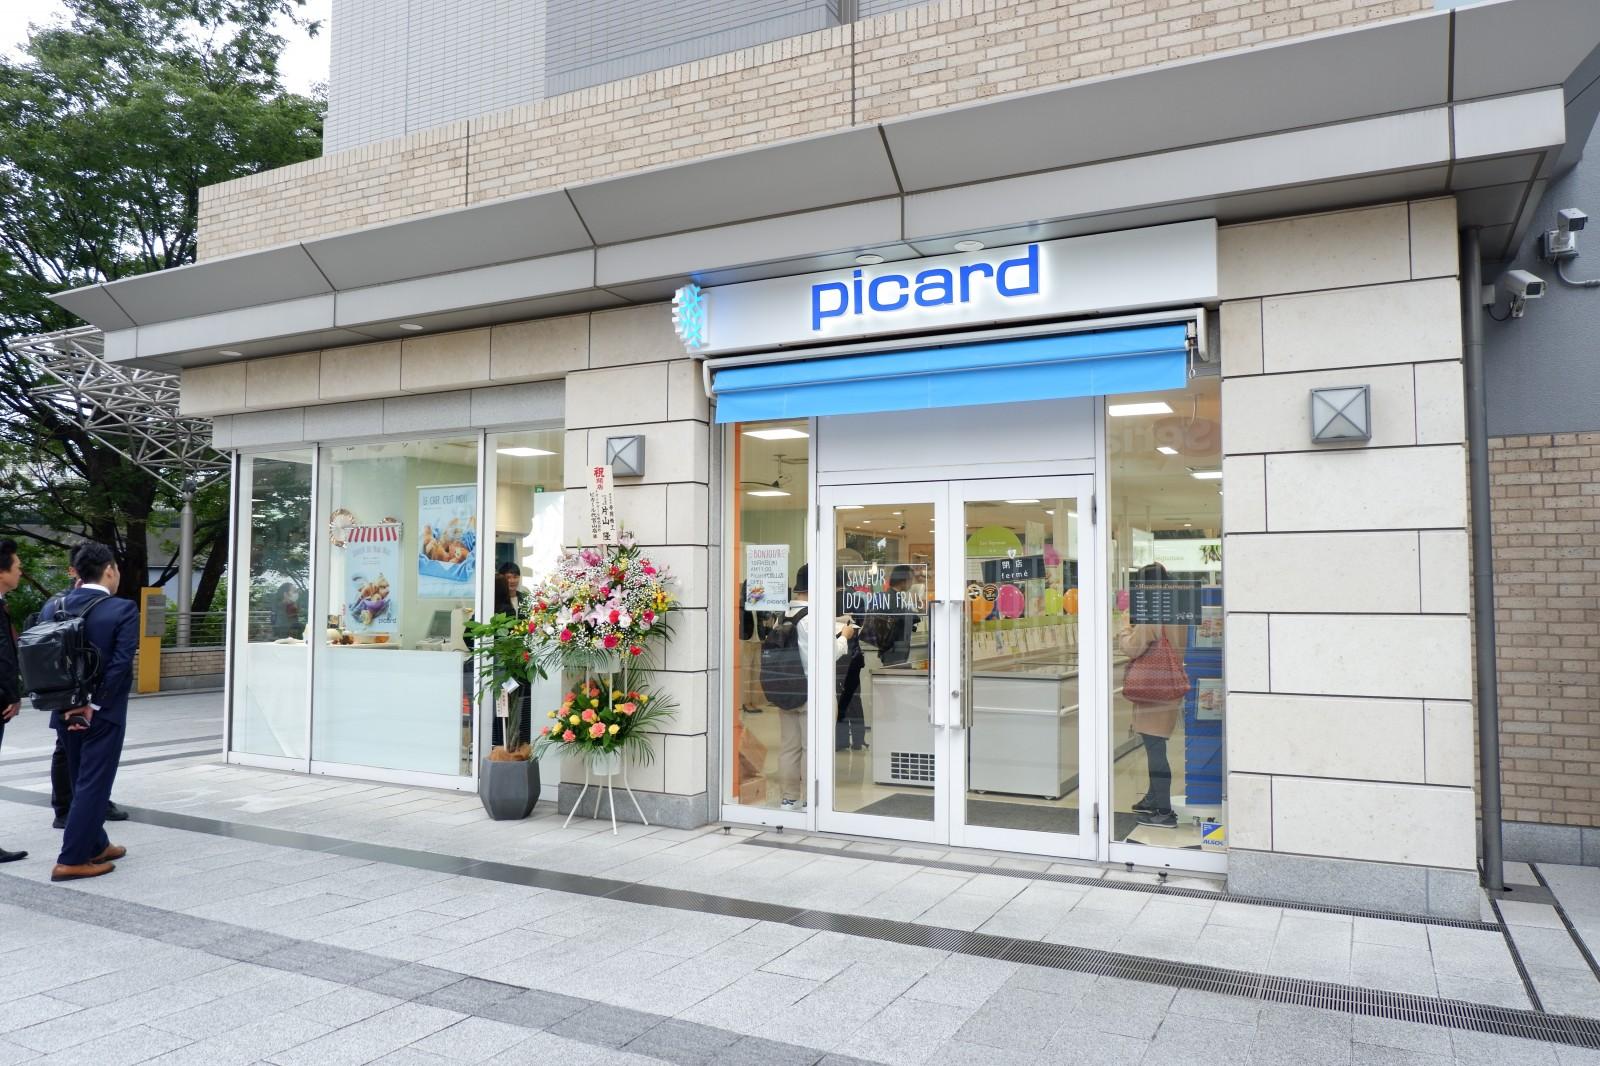 Picard(ピカール)4号店は、代官山! イートイン付き